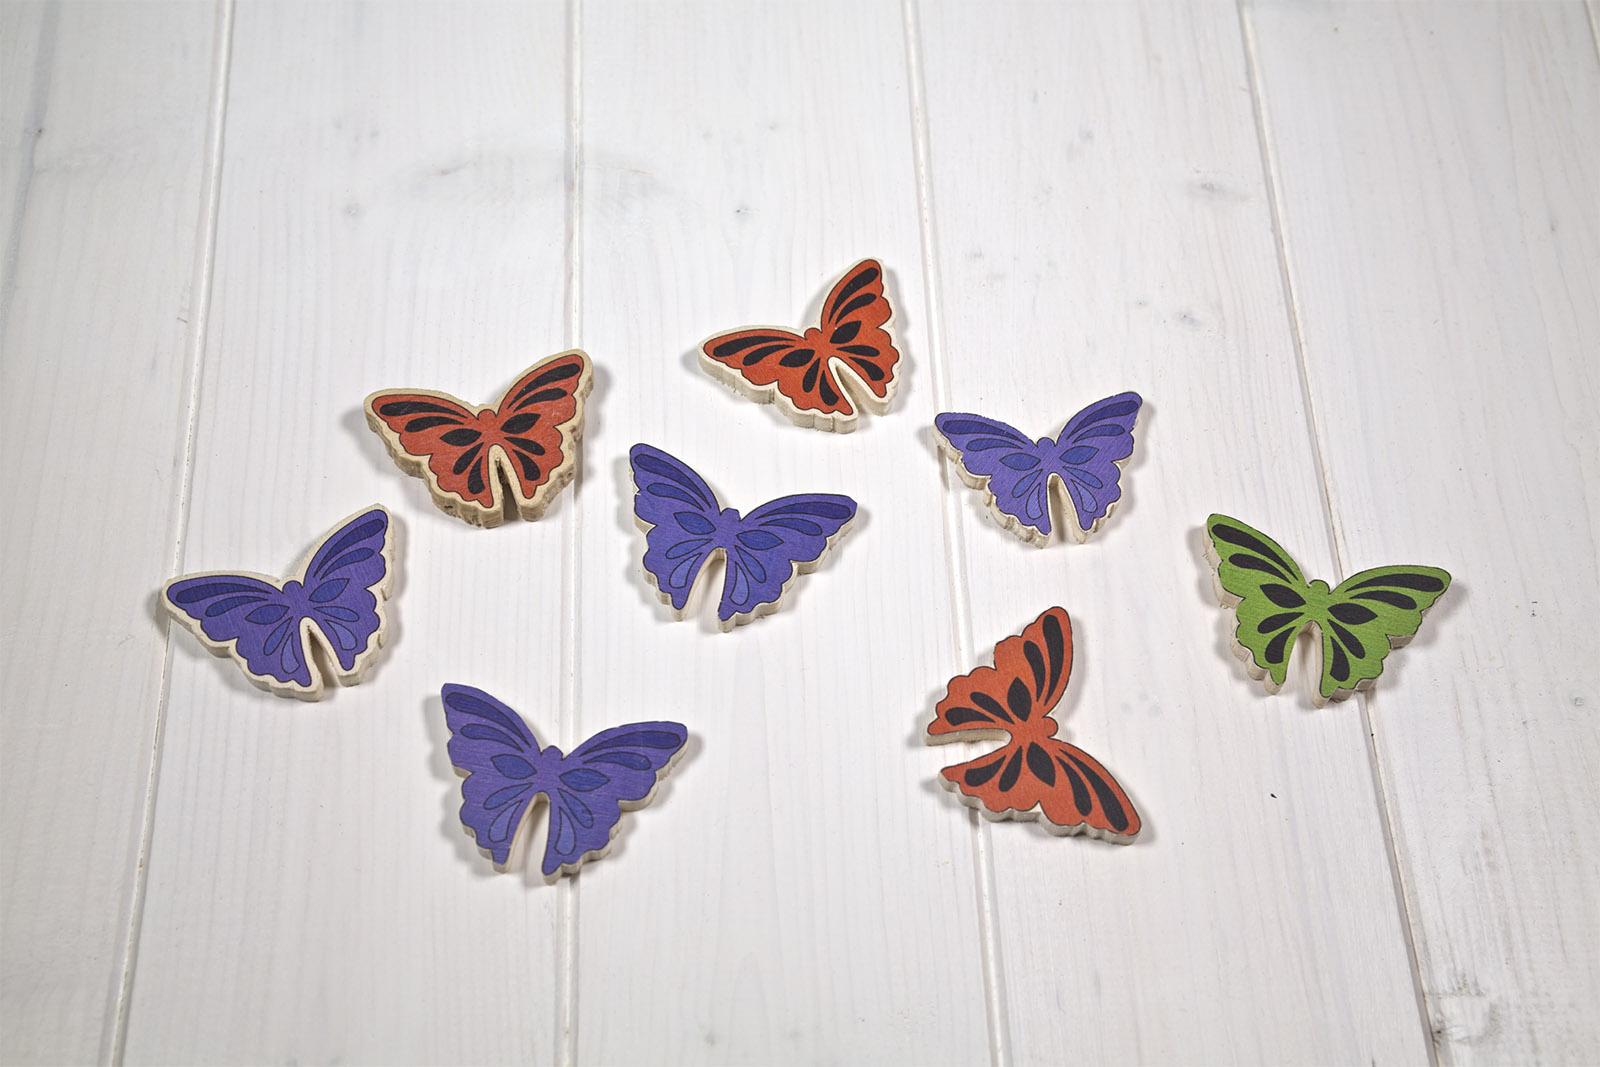 Calamite Di Legno Sagomate - Forma Di Animali - Farfalle